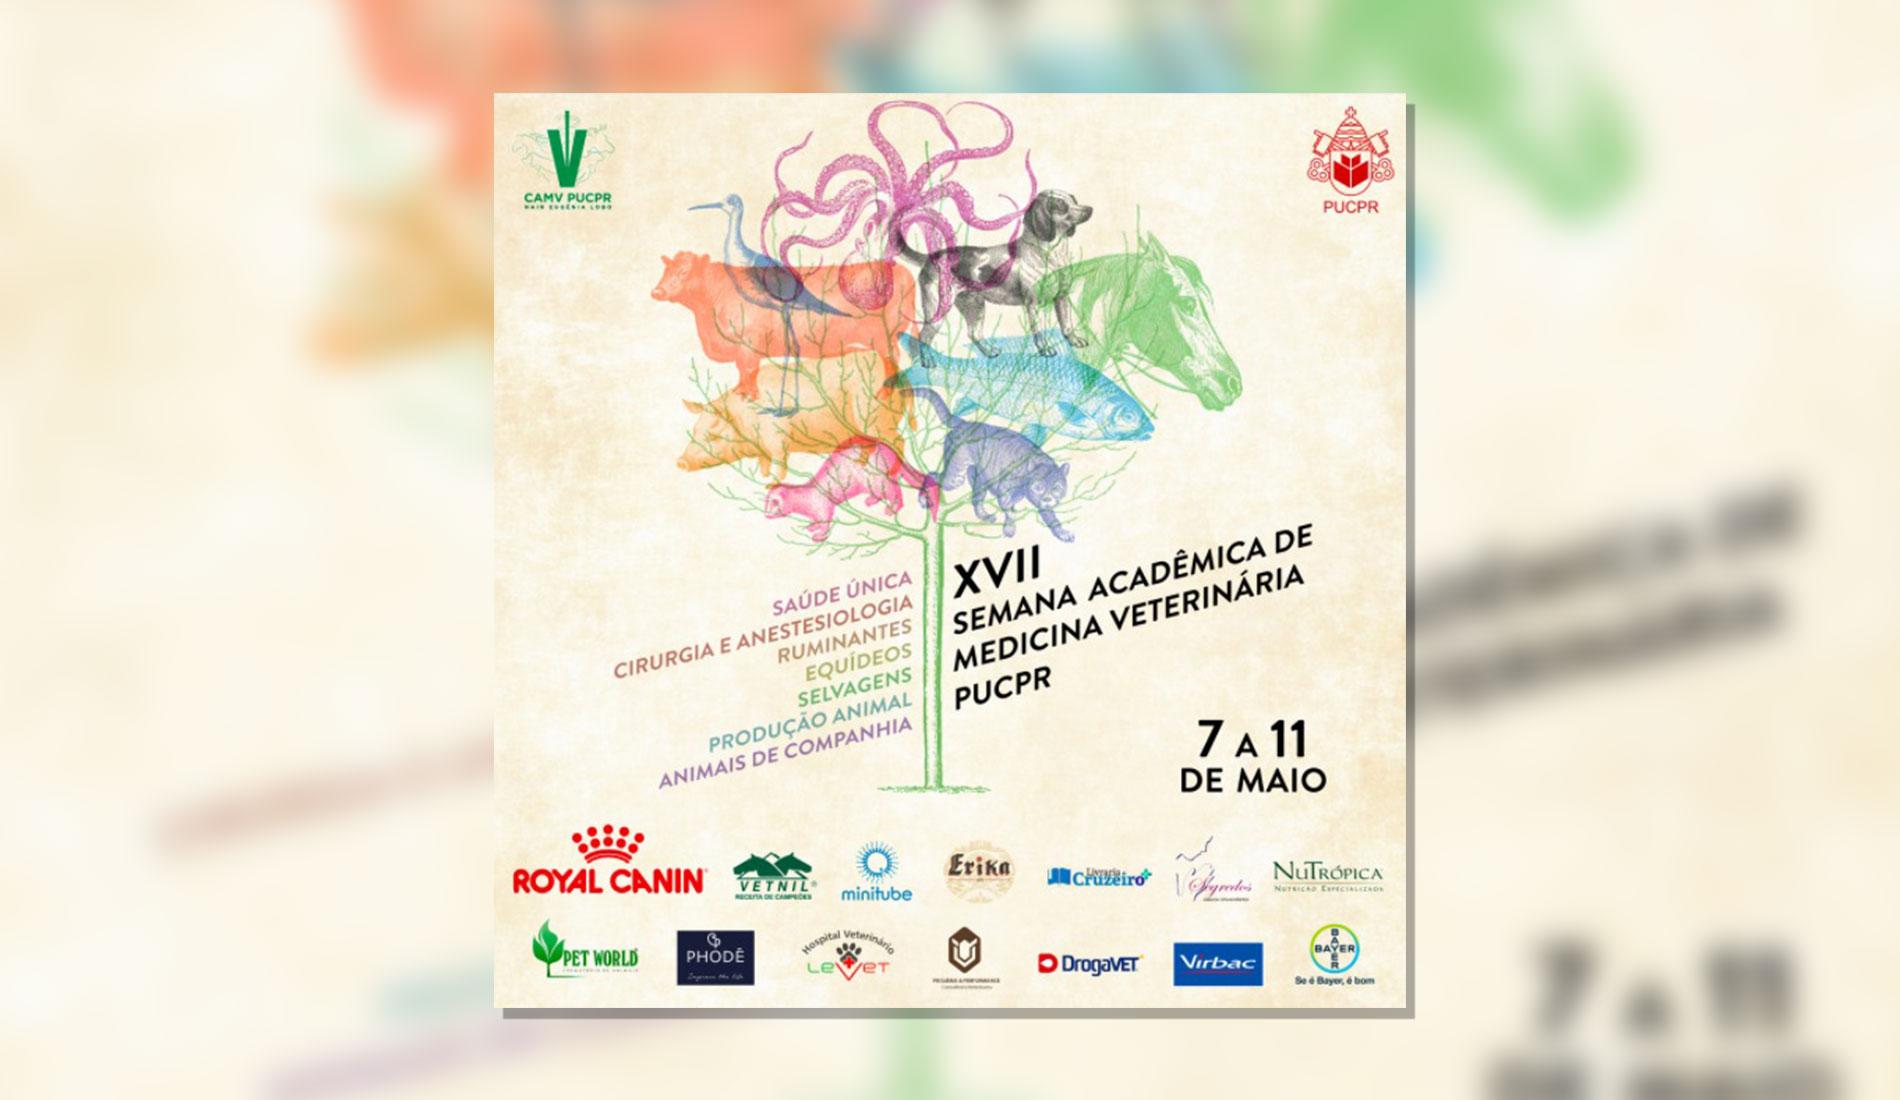 XVII Semana Acadêmica de Medicina Veterinária PUCPR